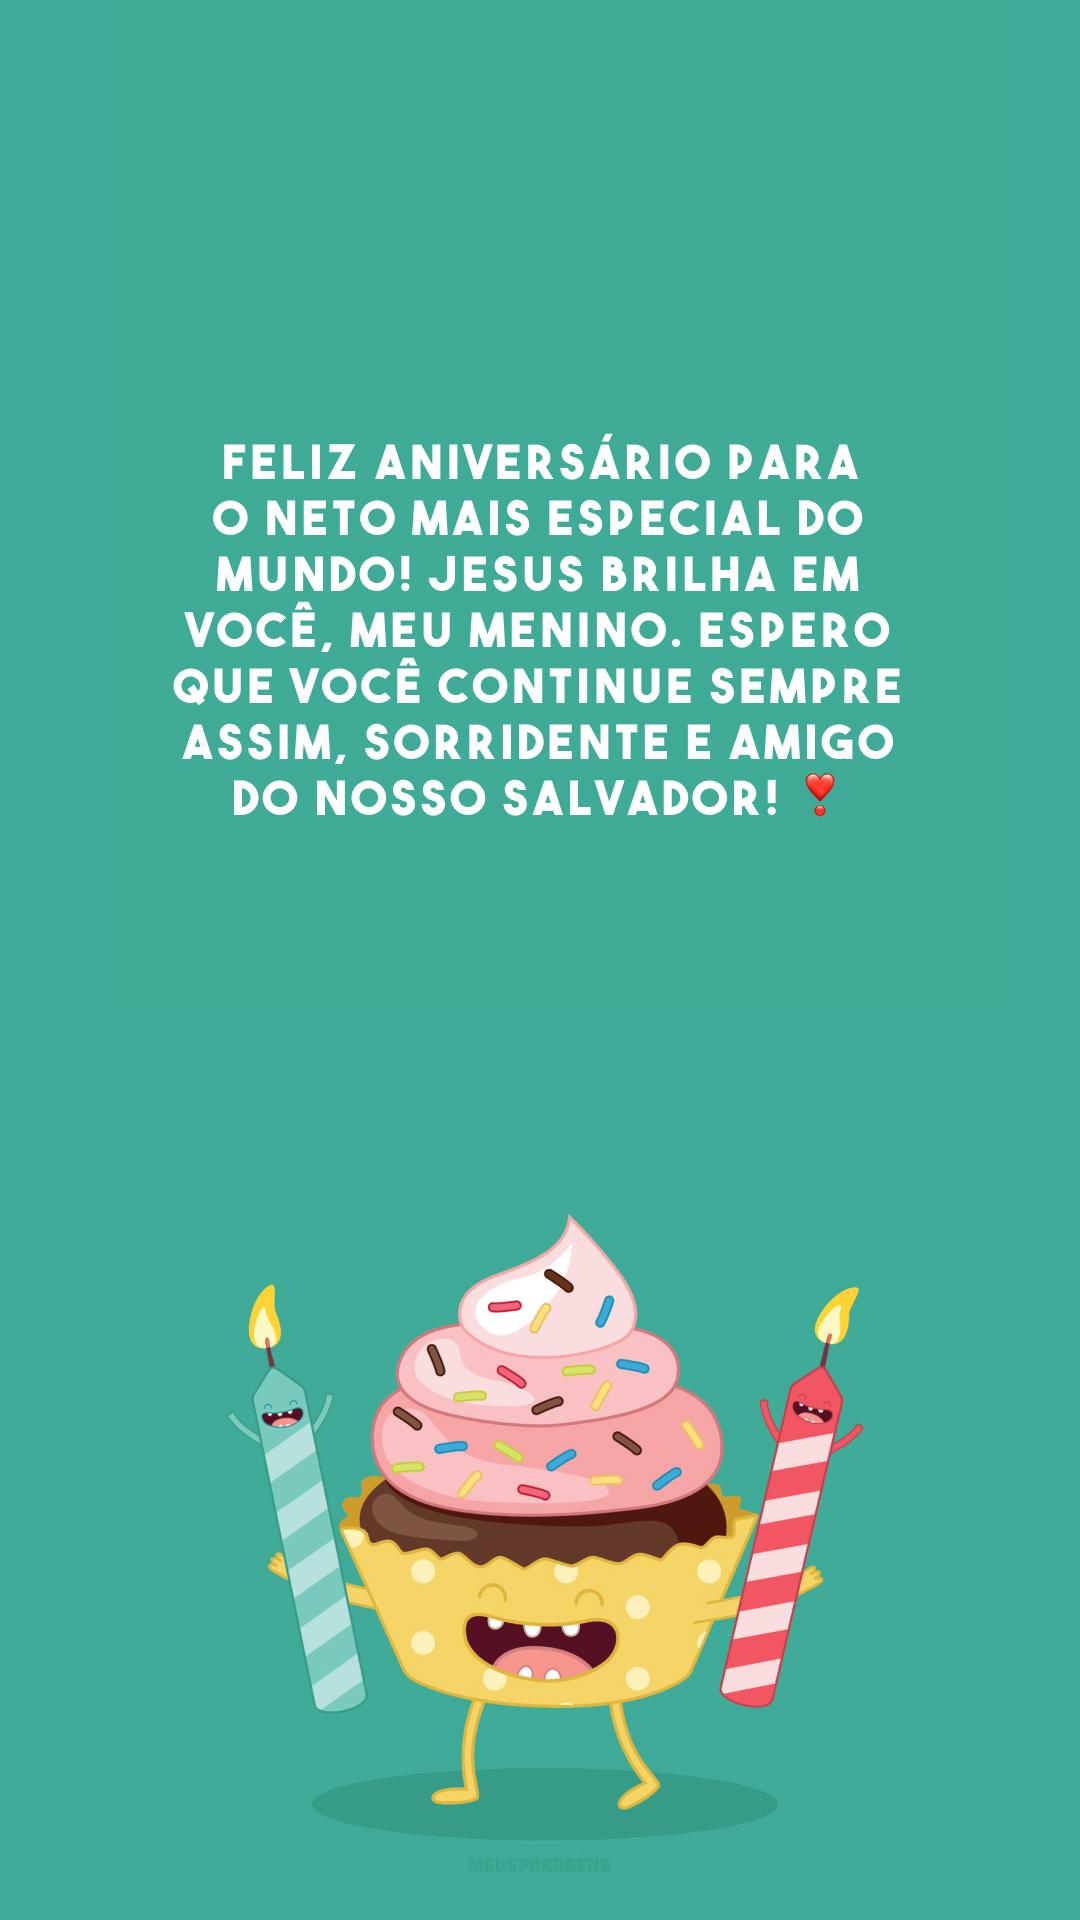 Feliz aniversário para o neto mais especial do mundo! Jesus brilha em você, meu menino. Espero que você continue sempre assim, sorridente e amigo do nosso Salvador! ❣️